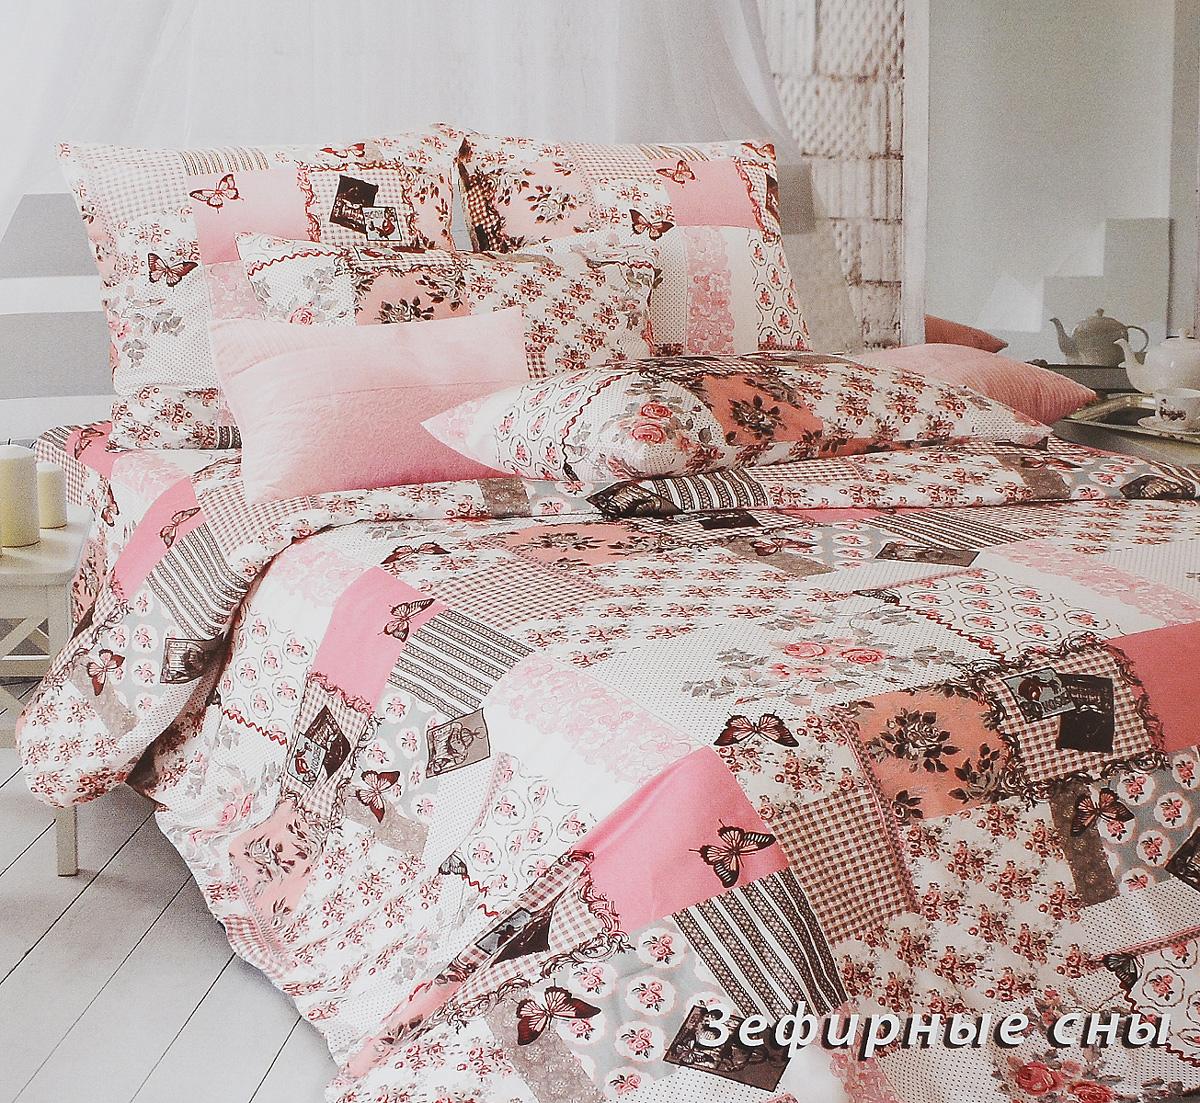 Комплект белья Tiffanys Secret Зефирные сны, 1,5-спальный, наволочки 50х70, цвет: розовый, белый, темно-коричневый198971Комплект постельного белья Tiffanys Secret Зефирные сны является экологически безопасным для всей семьи, так как выполнен из сатина (100% хлопок). Комплект состоит из пододеяльника, простыни и двух наволочек. Предметы комплекта оформлены оригинальным рисунком.Благодаря такому комплекту постельного белья вы сможете создать атмосферу уюта и комфорта в вашей спальне.Сатин - это ткань, навсегда покорившая сердца человечества. Ценившие роскошь персы называли ее атлас, а искушенные в прекрасном французы - сатин. Секрет высококачественного сатина в безупречности всего технологического процесса. Эту благородную ткань делают только из отборной натуральной пряжи, которую получают из самого лучшего тонковолокнистого хлопка. Благодаря использованию самой тонкой хлопковой нити получается необычайно мягкое и нежное полотно. Сатиновое постельное белье превращает жаркие летние ночи в прохладные и освежающие, а холодные зимние - в теплые и согревающие. Сатин очень приятен на ощупь, постельное белье из него долговечно, выдерживает более 300 стирок, и лишь спустя долгое время материал начинает немного тускнеть. Оцените все достоинства постельного белья из сатина, выбирая самое лучшее для себя!